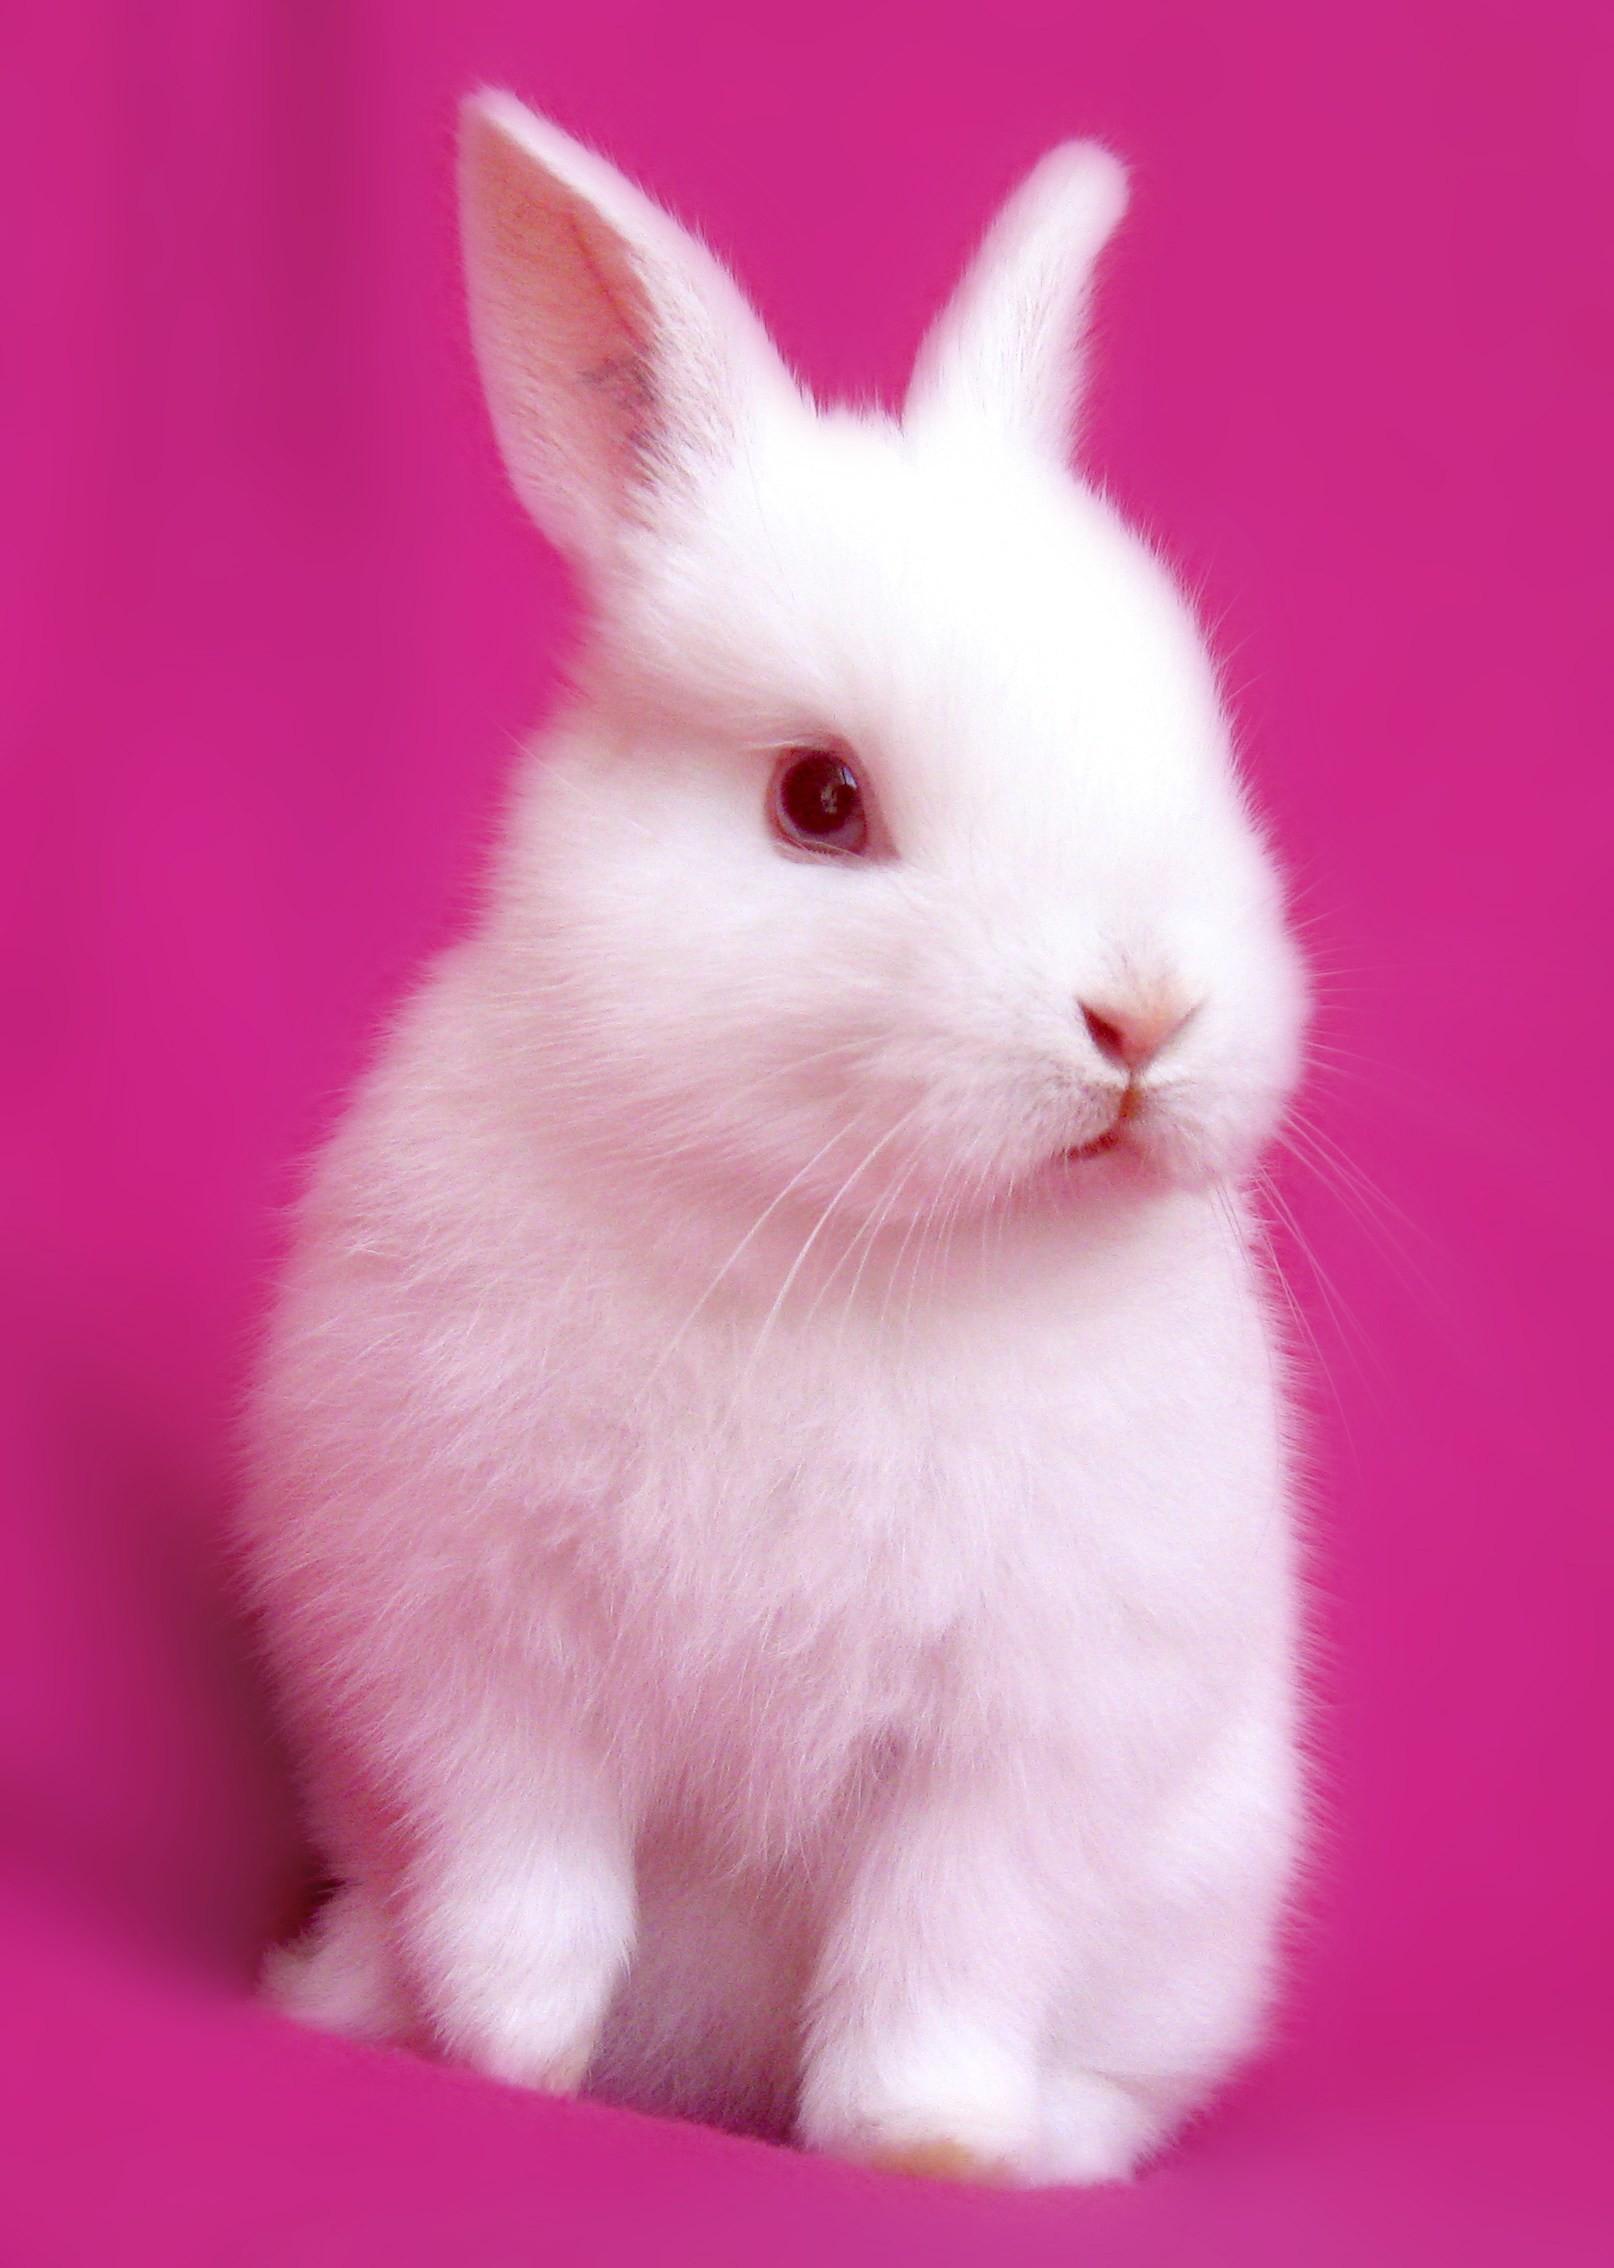 Baby Bunnies Wallpaper 67 Images